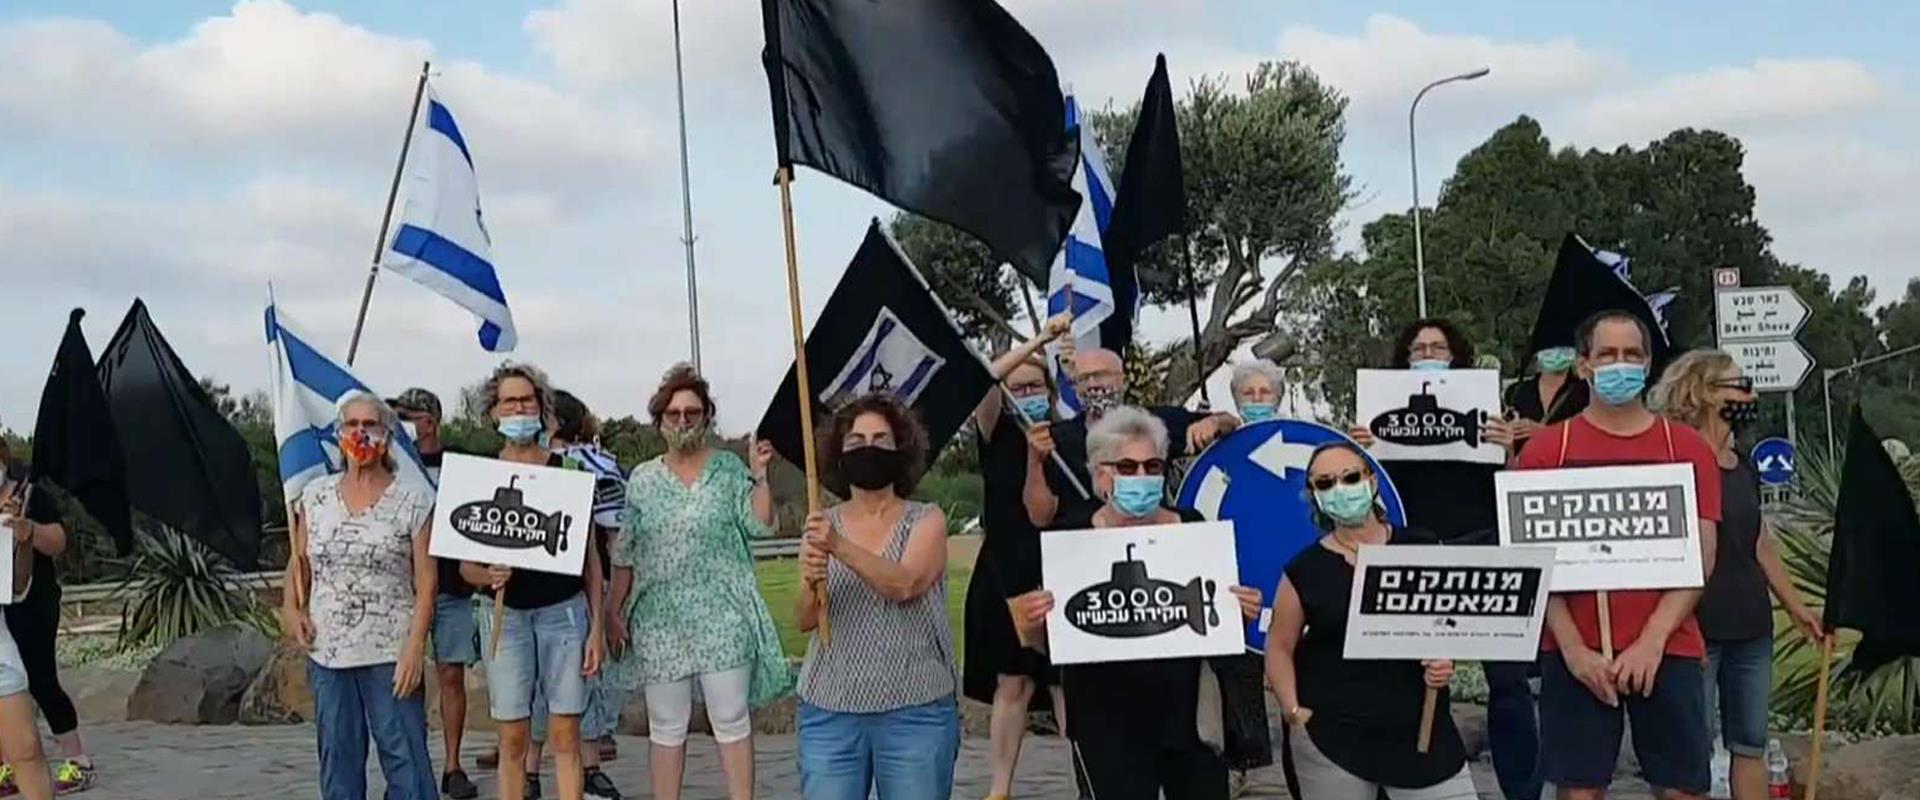 הפגנה של הדגלים השחורים